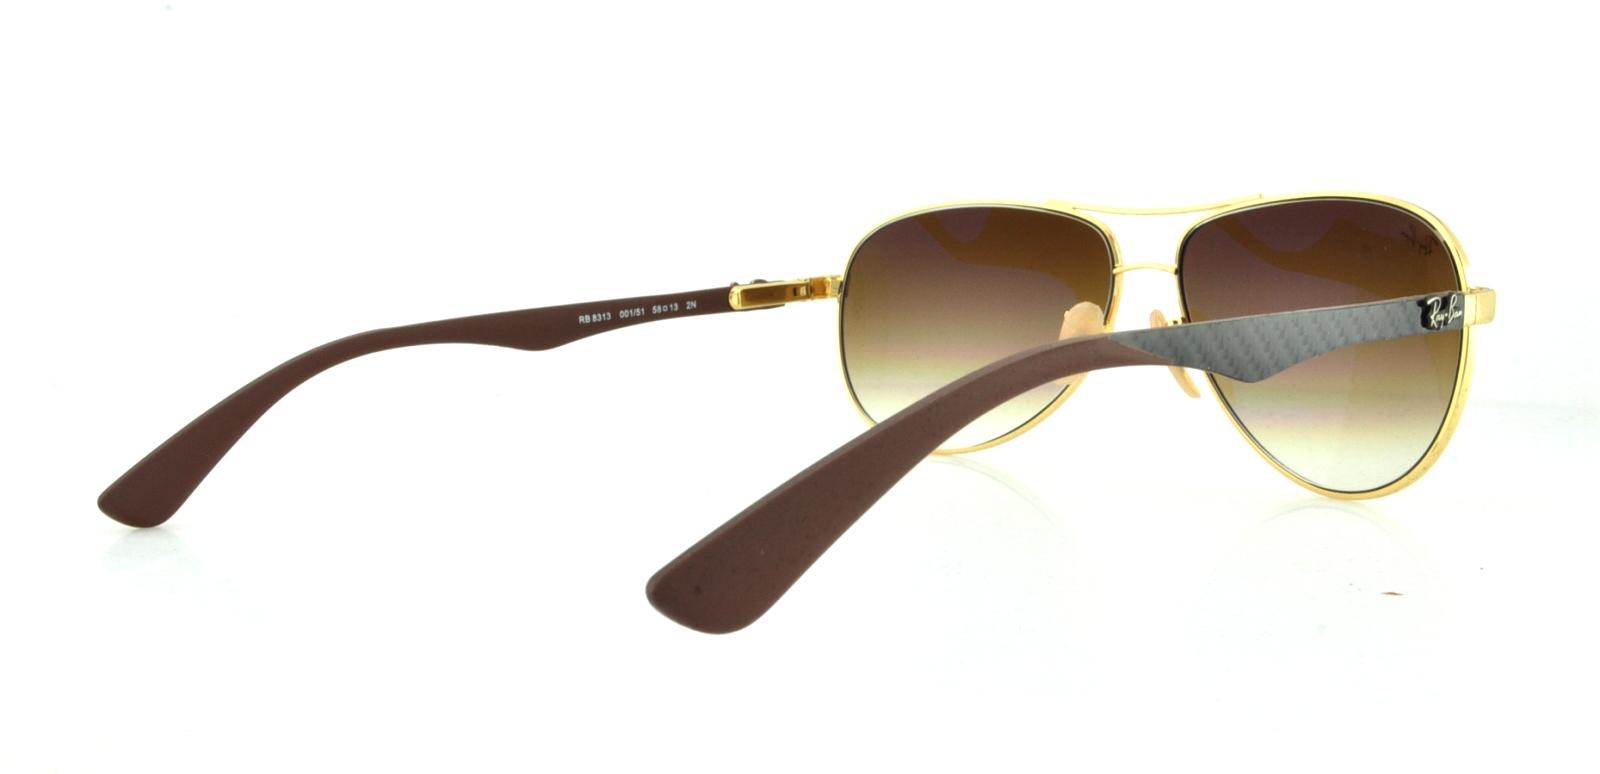 fca36d244f ... usa get picture of ray ban sunglasses rb8313 carbon fibre 78de2 80752  c70a2 fa212